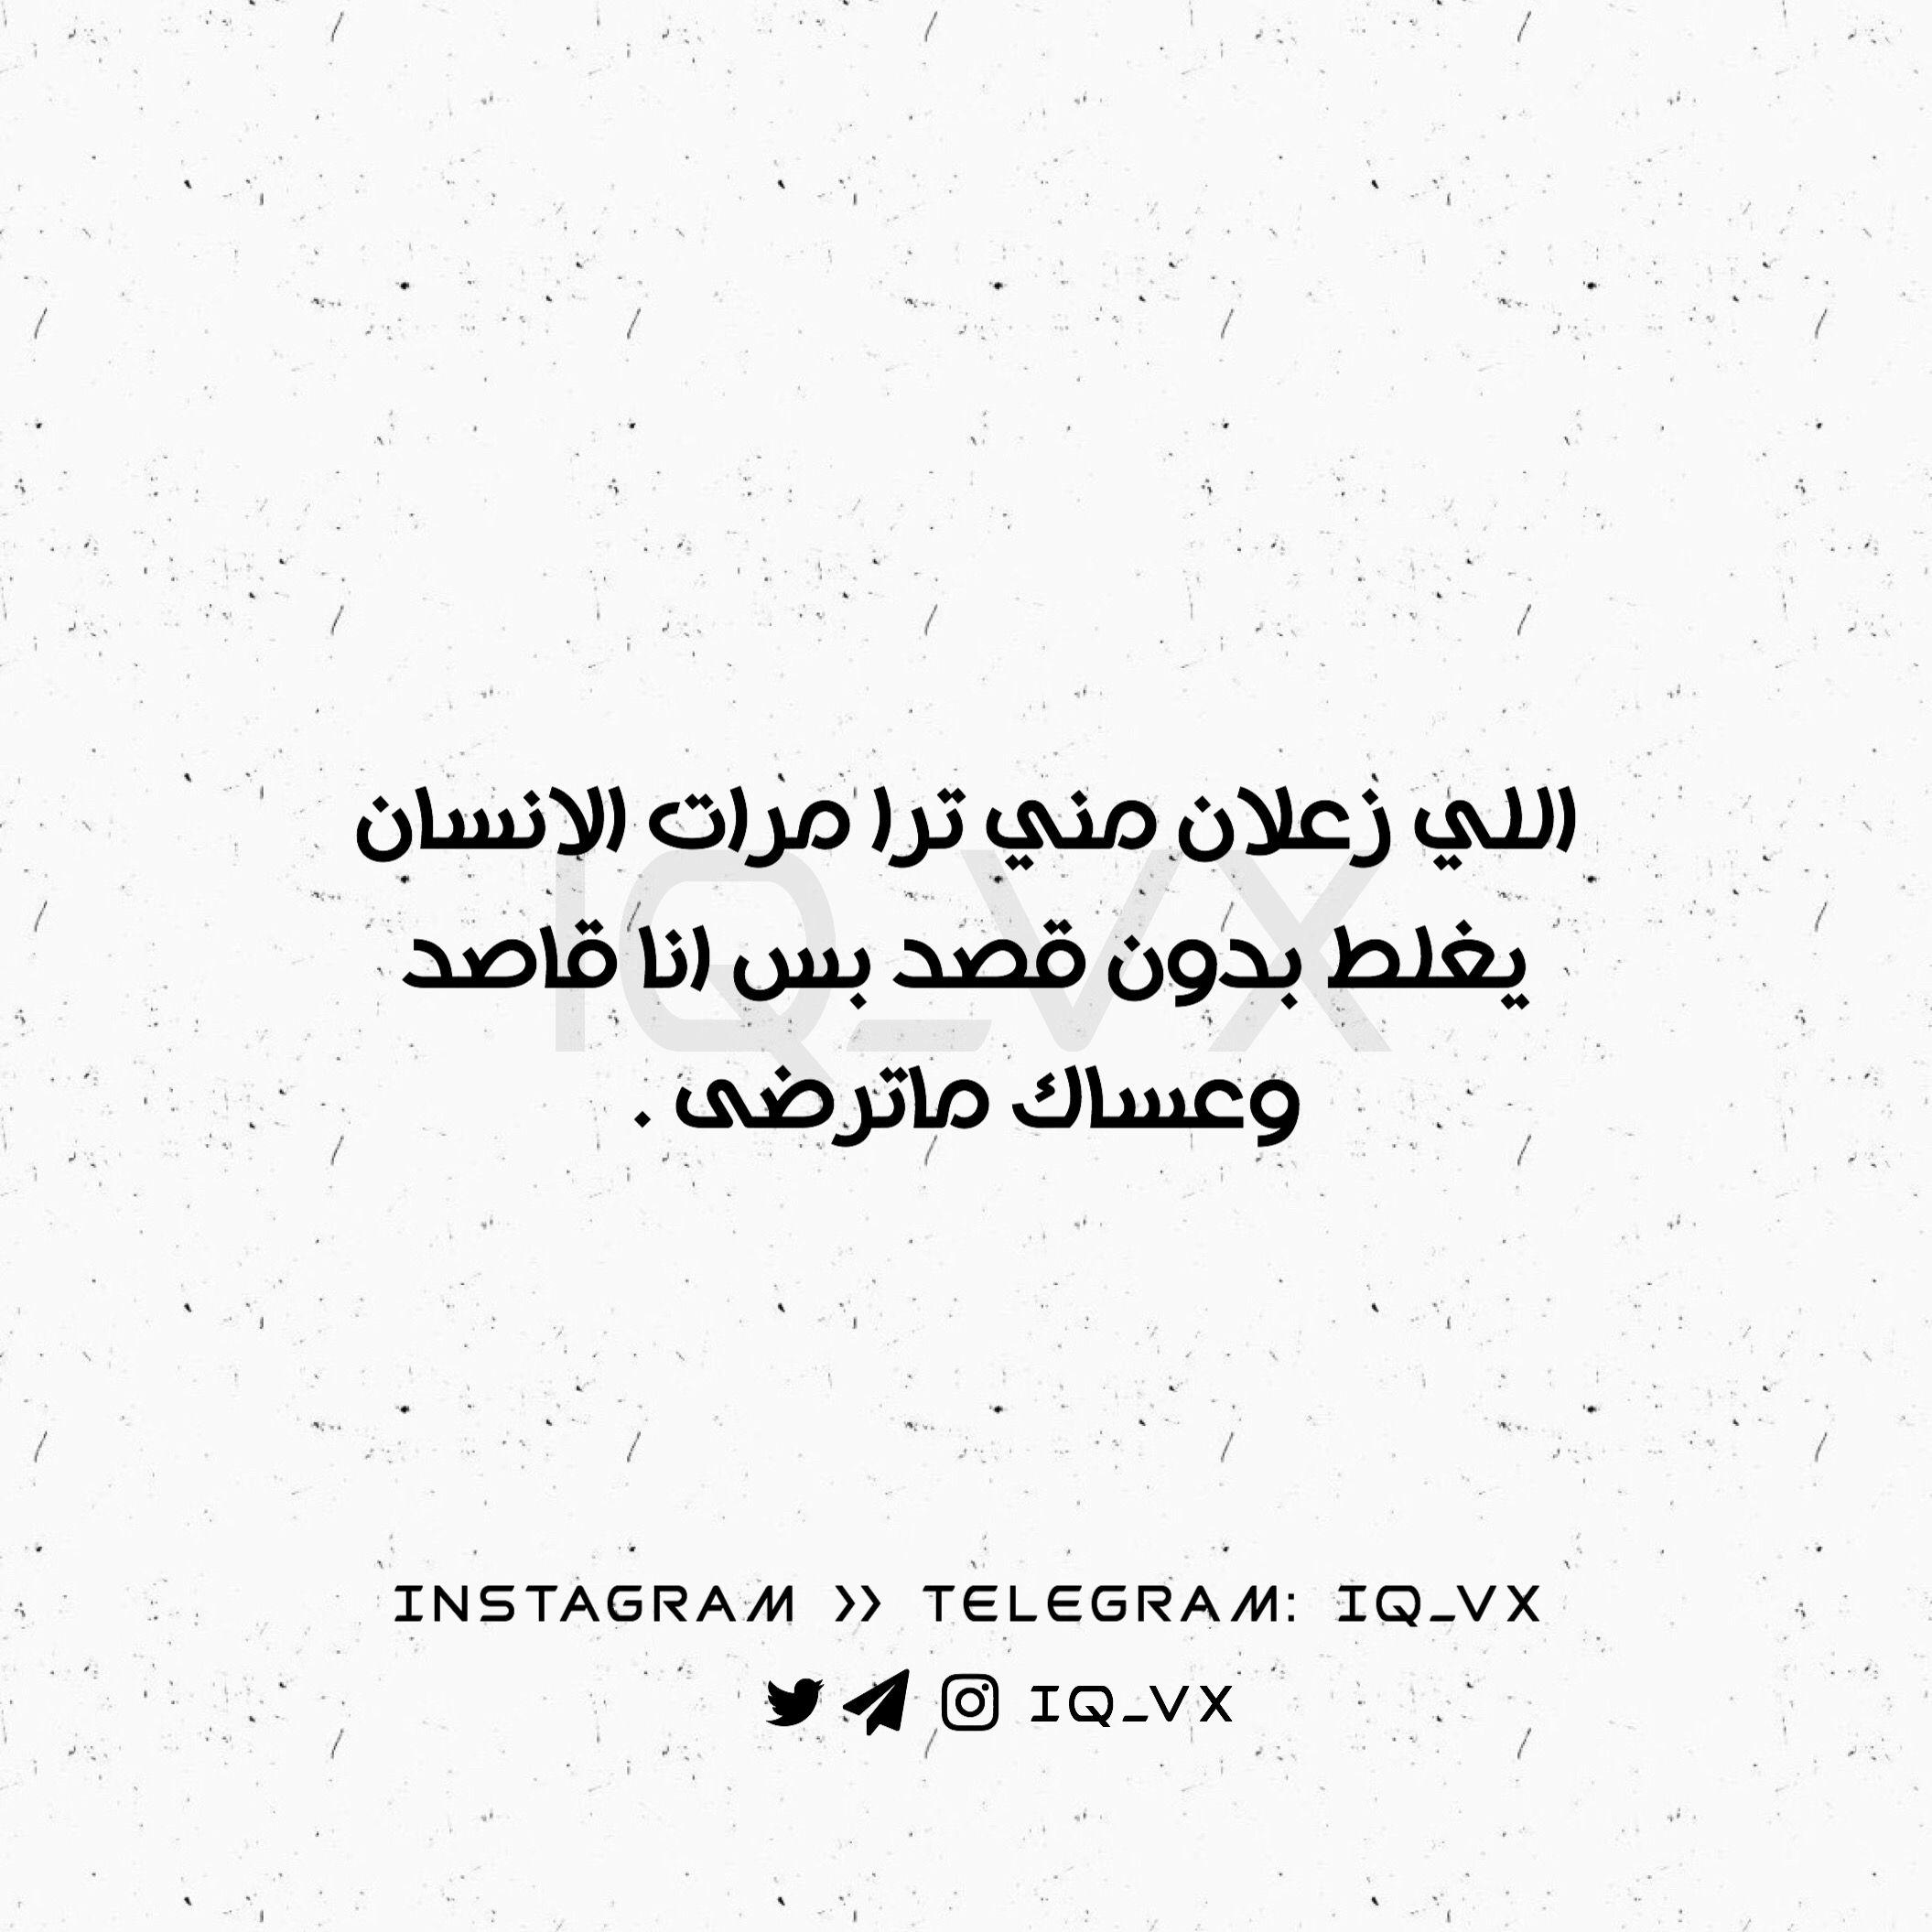 قناتي على تيلجرام Iq Vx Arabic Quotes Arabic Jokes Quotes